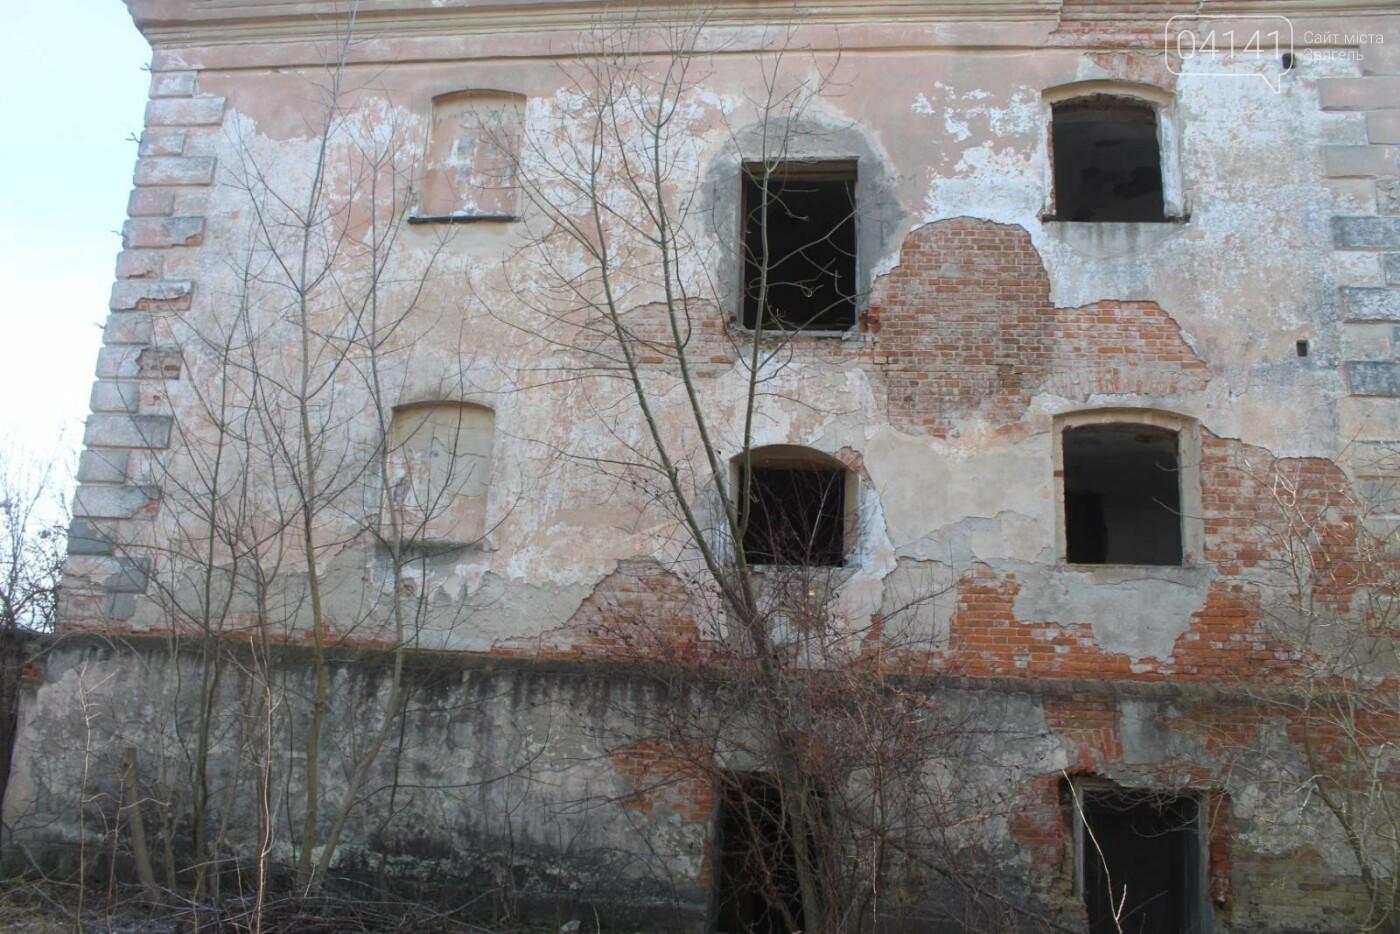 Вітер гуляє: Як сьогодні виглядає найстаріша будівля Новограда-Волинського (ФОТОРЕПОРТАЖ), фото-6